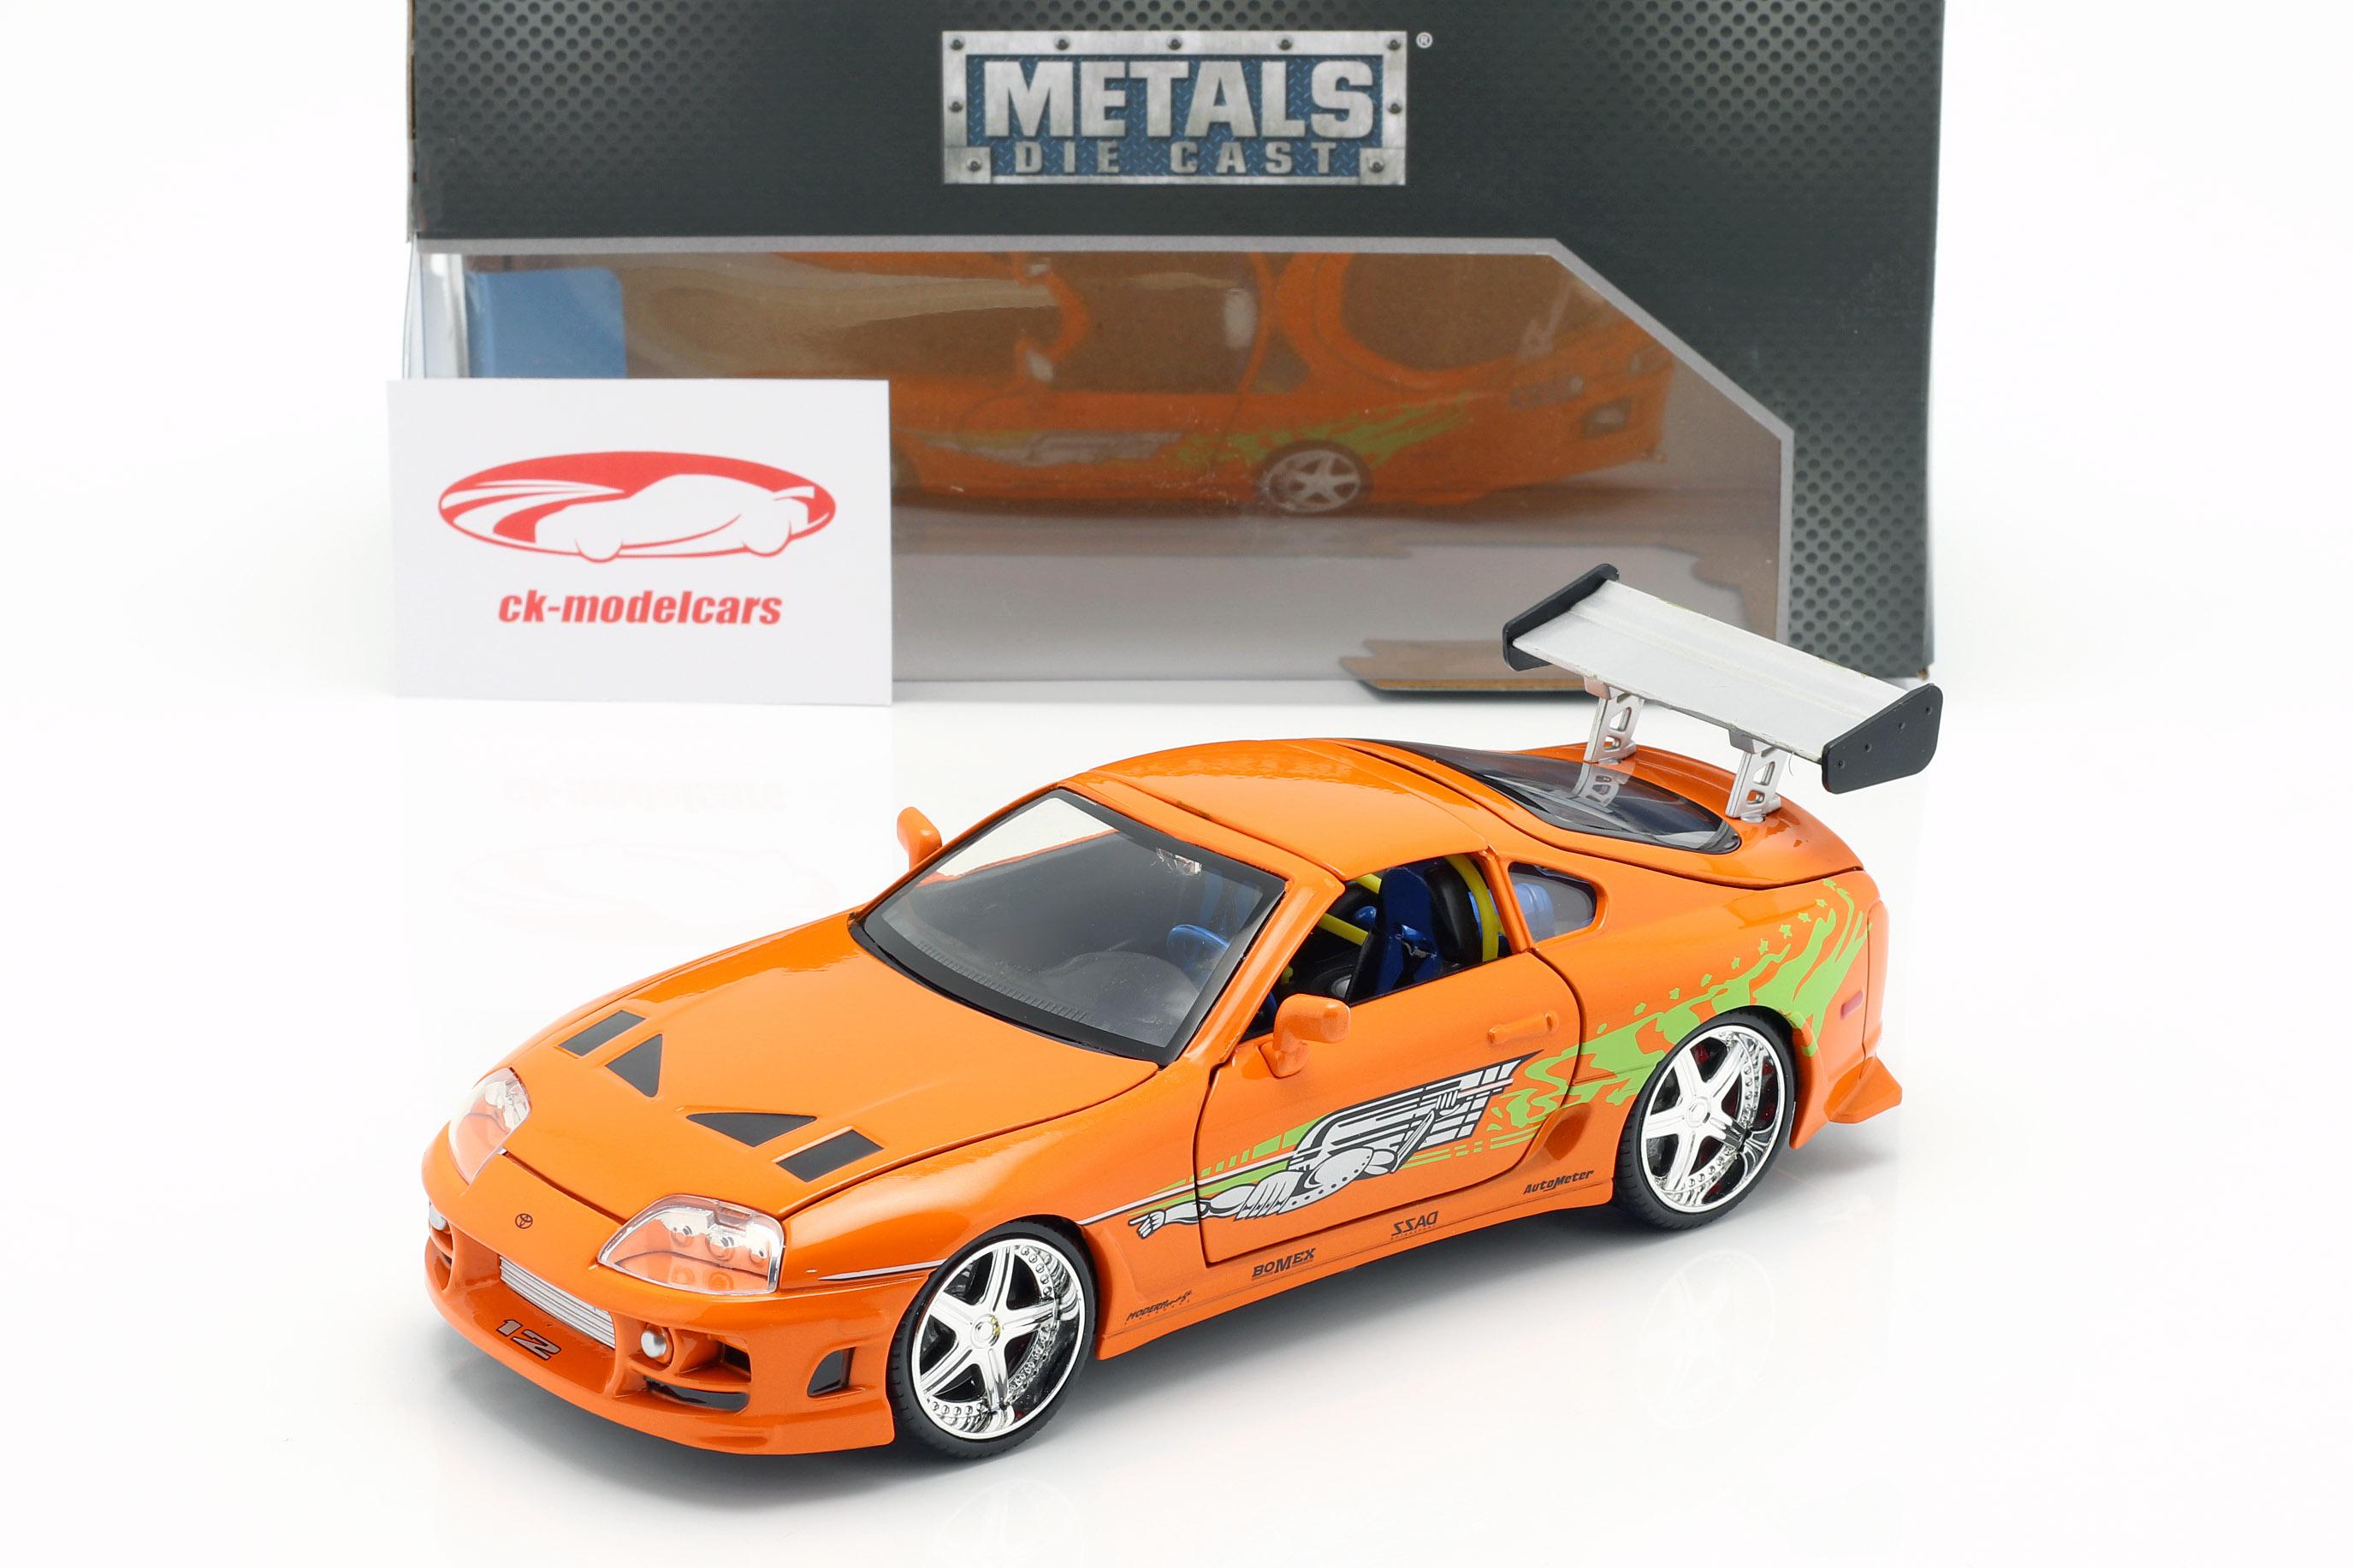 Brian's Toyota Supra desde la Película Fast y Furibundo 7 2015 naranja 1:24 Jada Toys